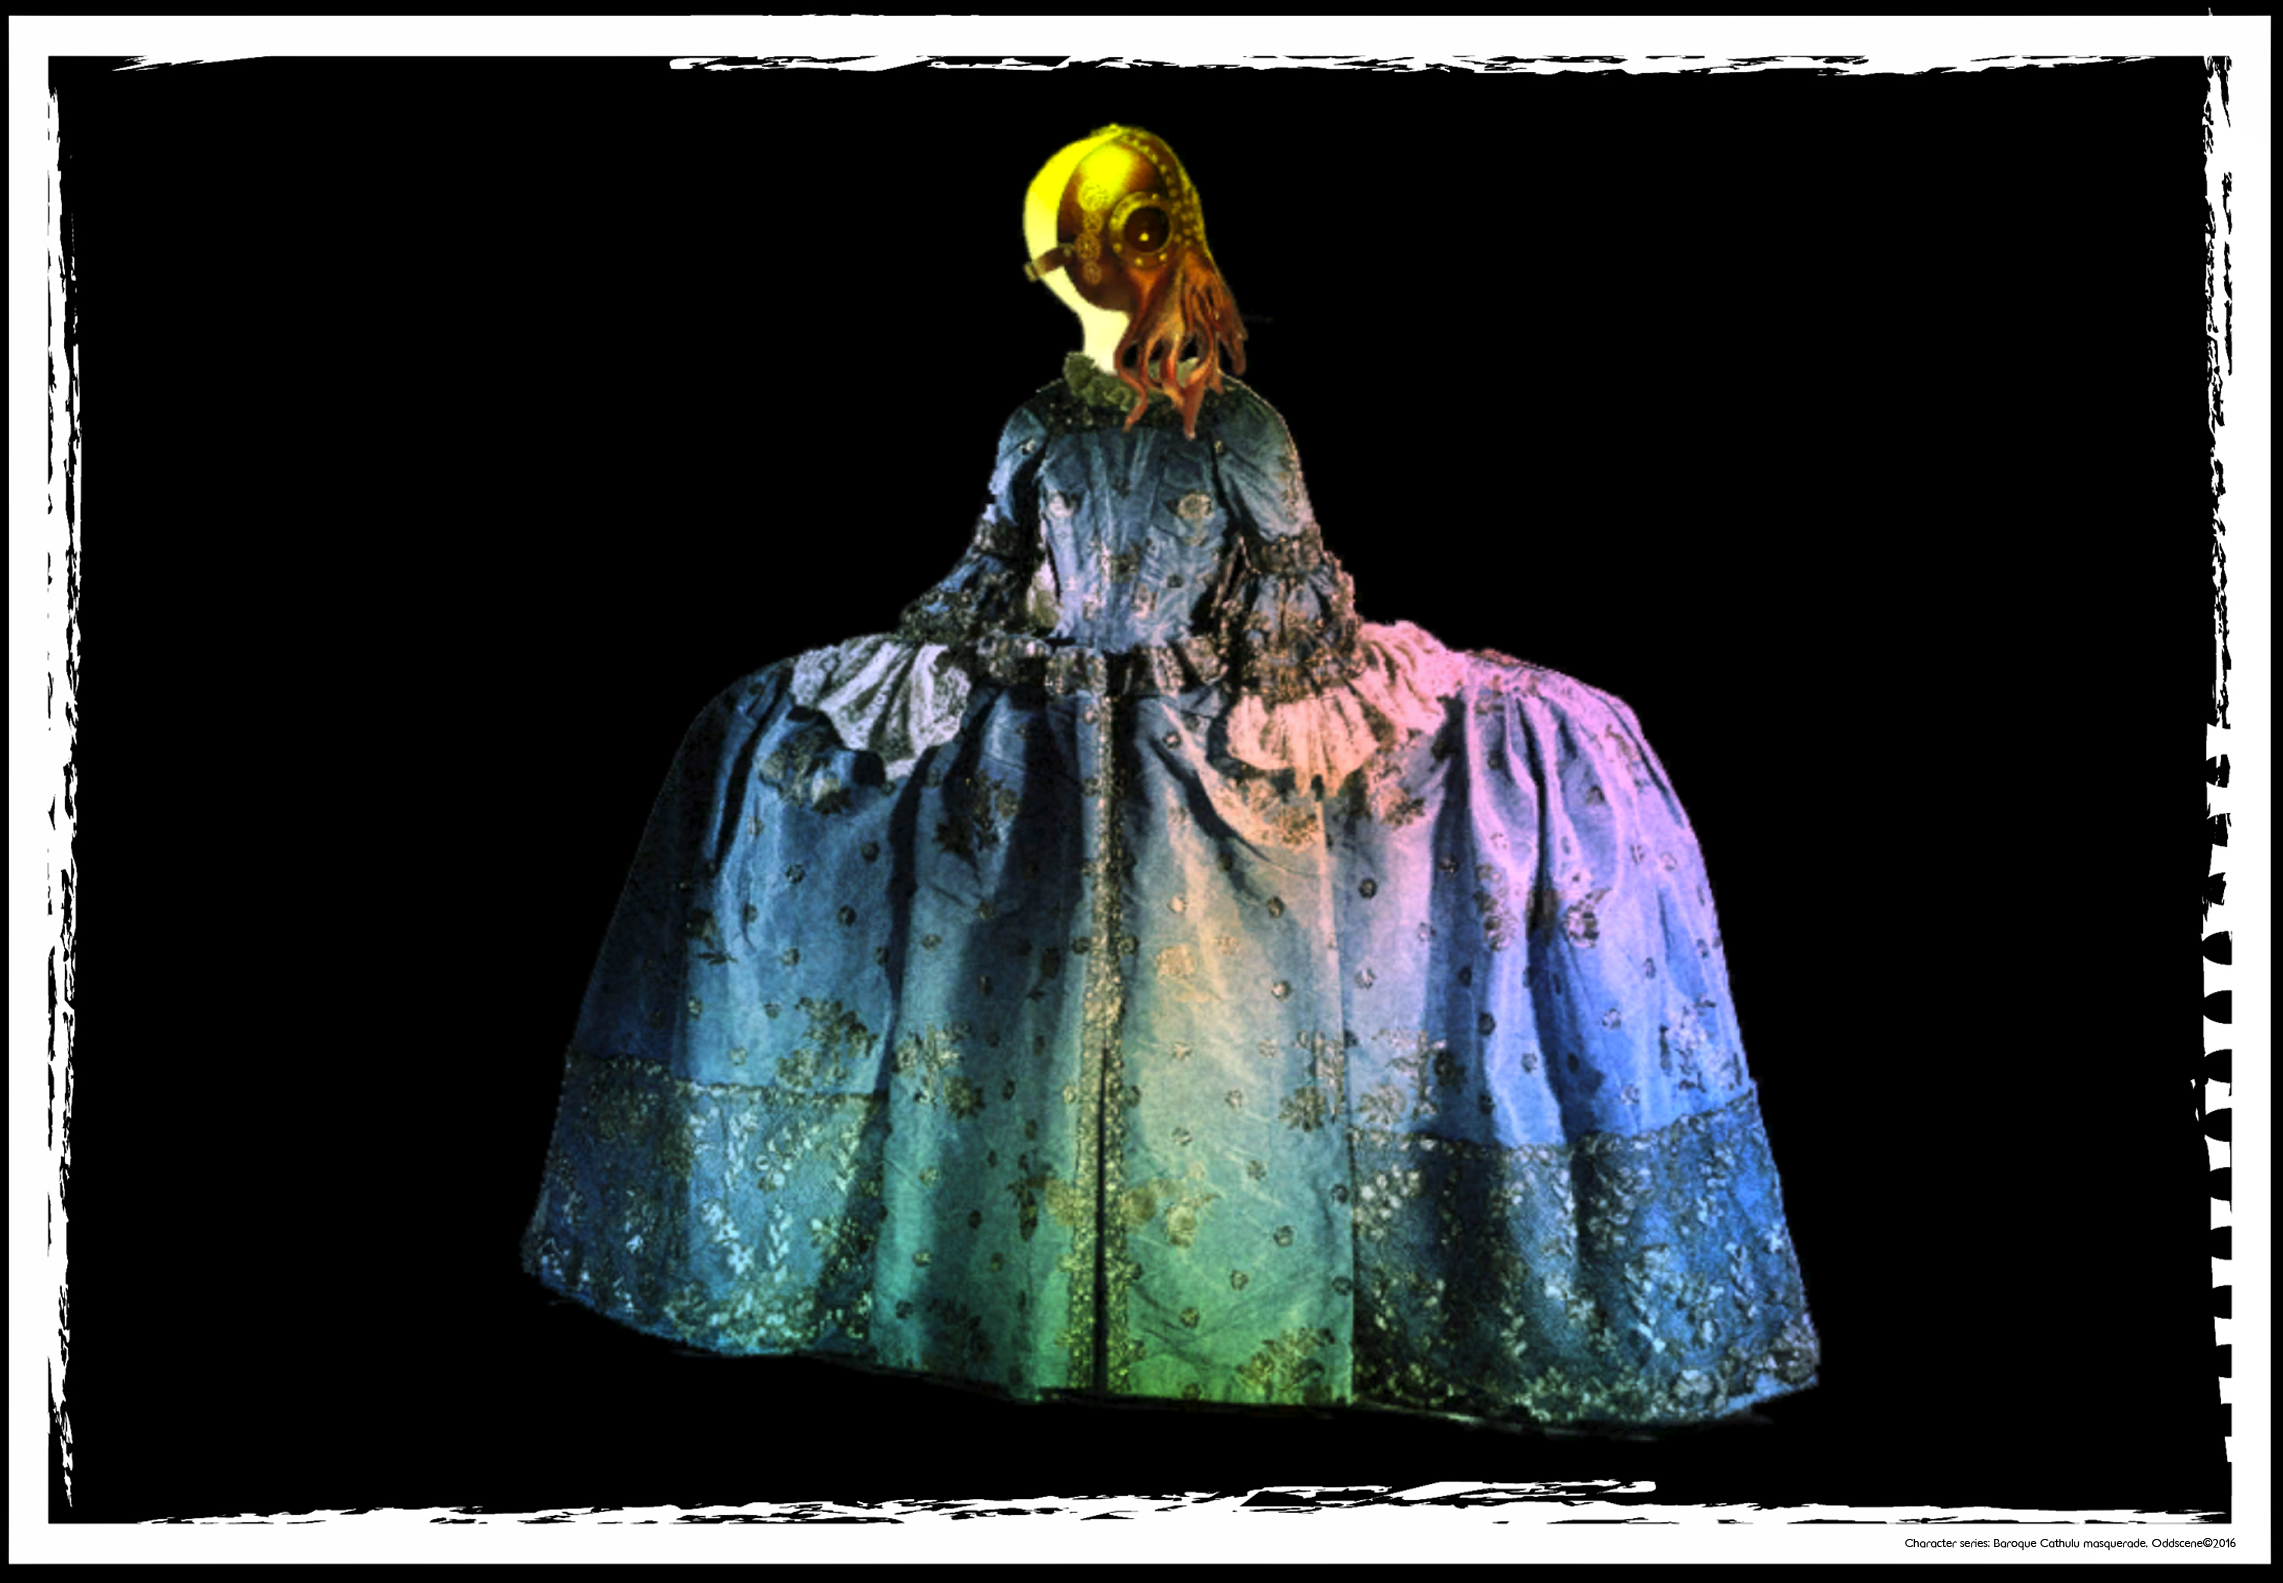 'Baroque Cathulu Masquerade'